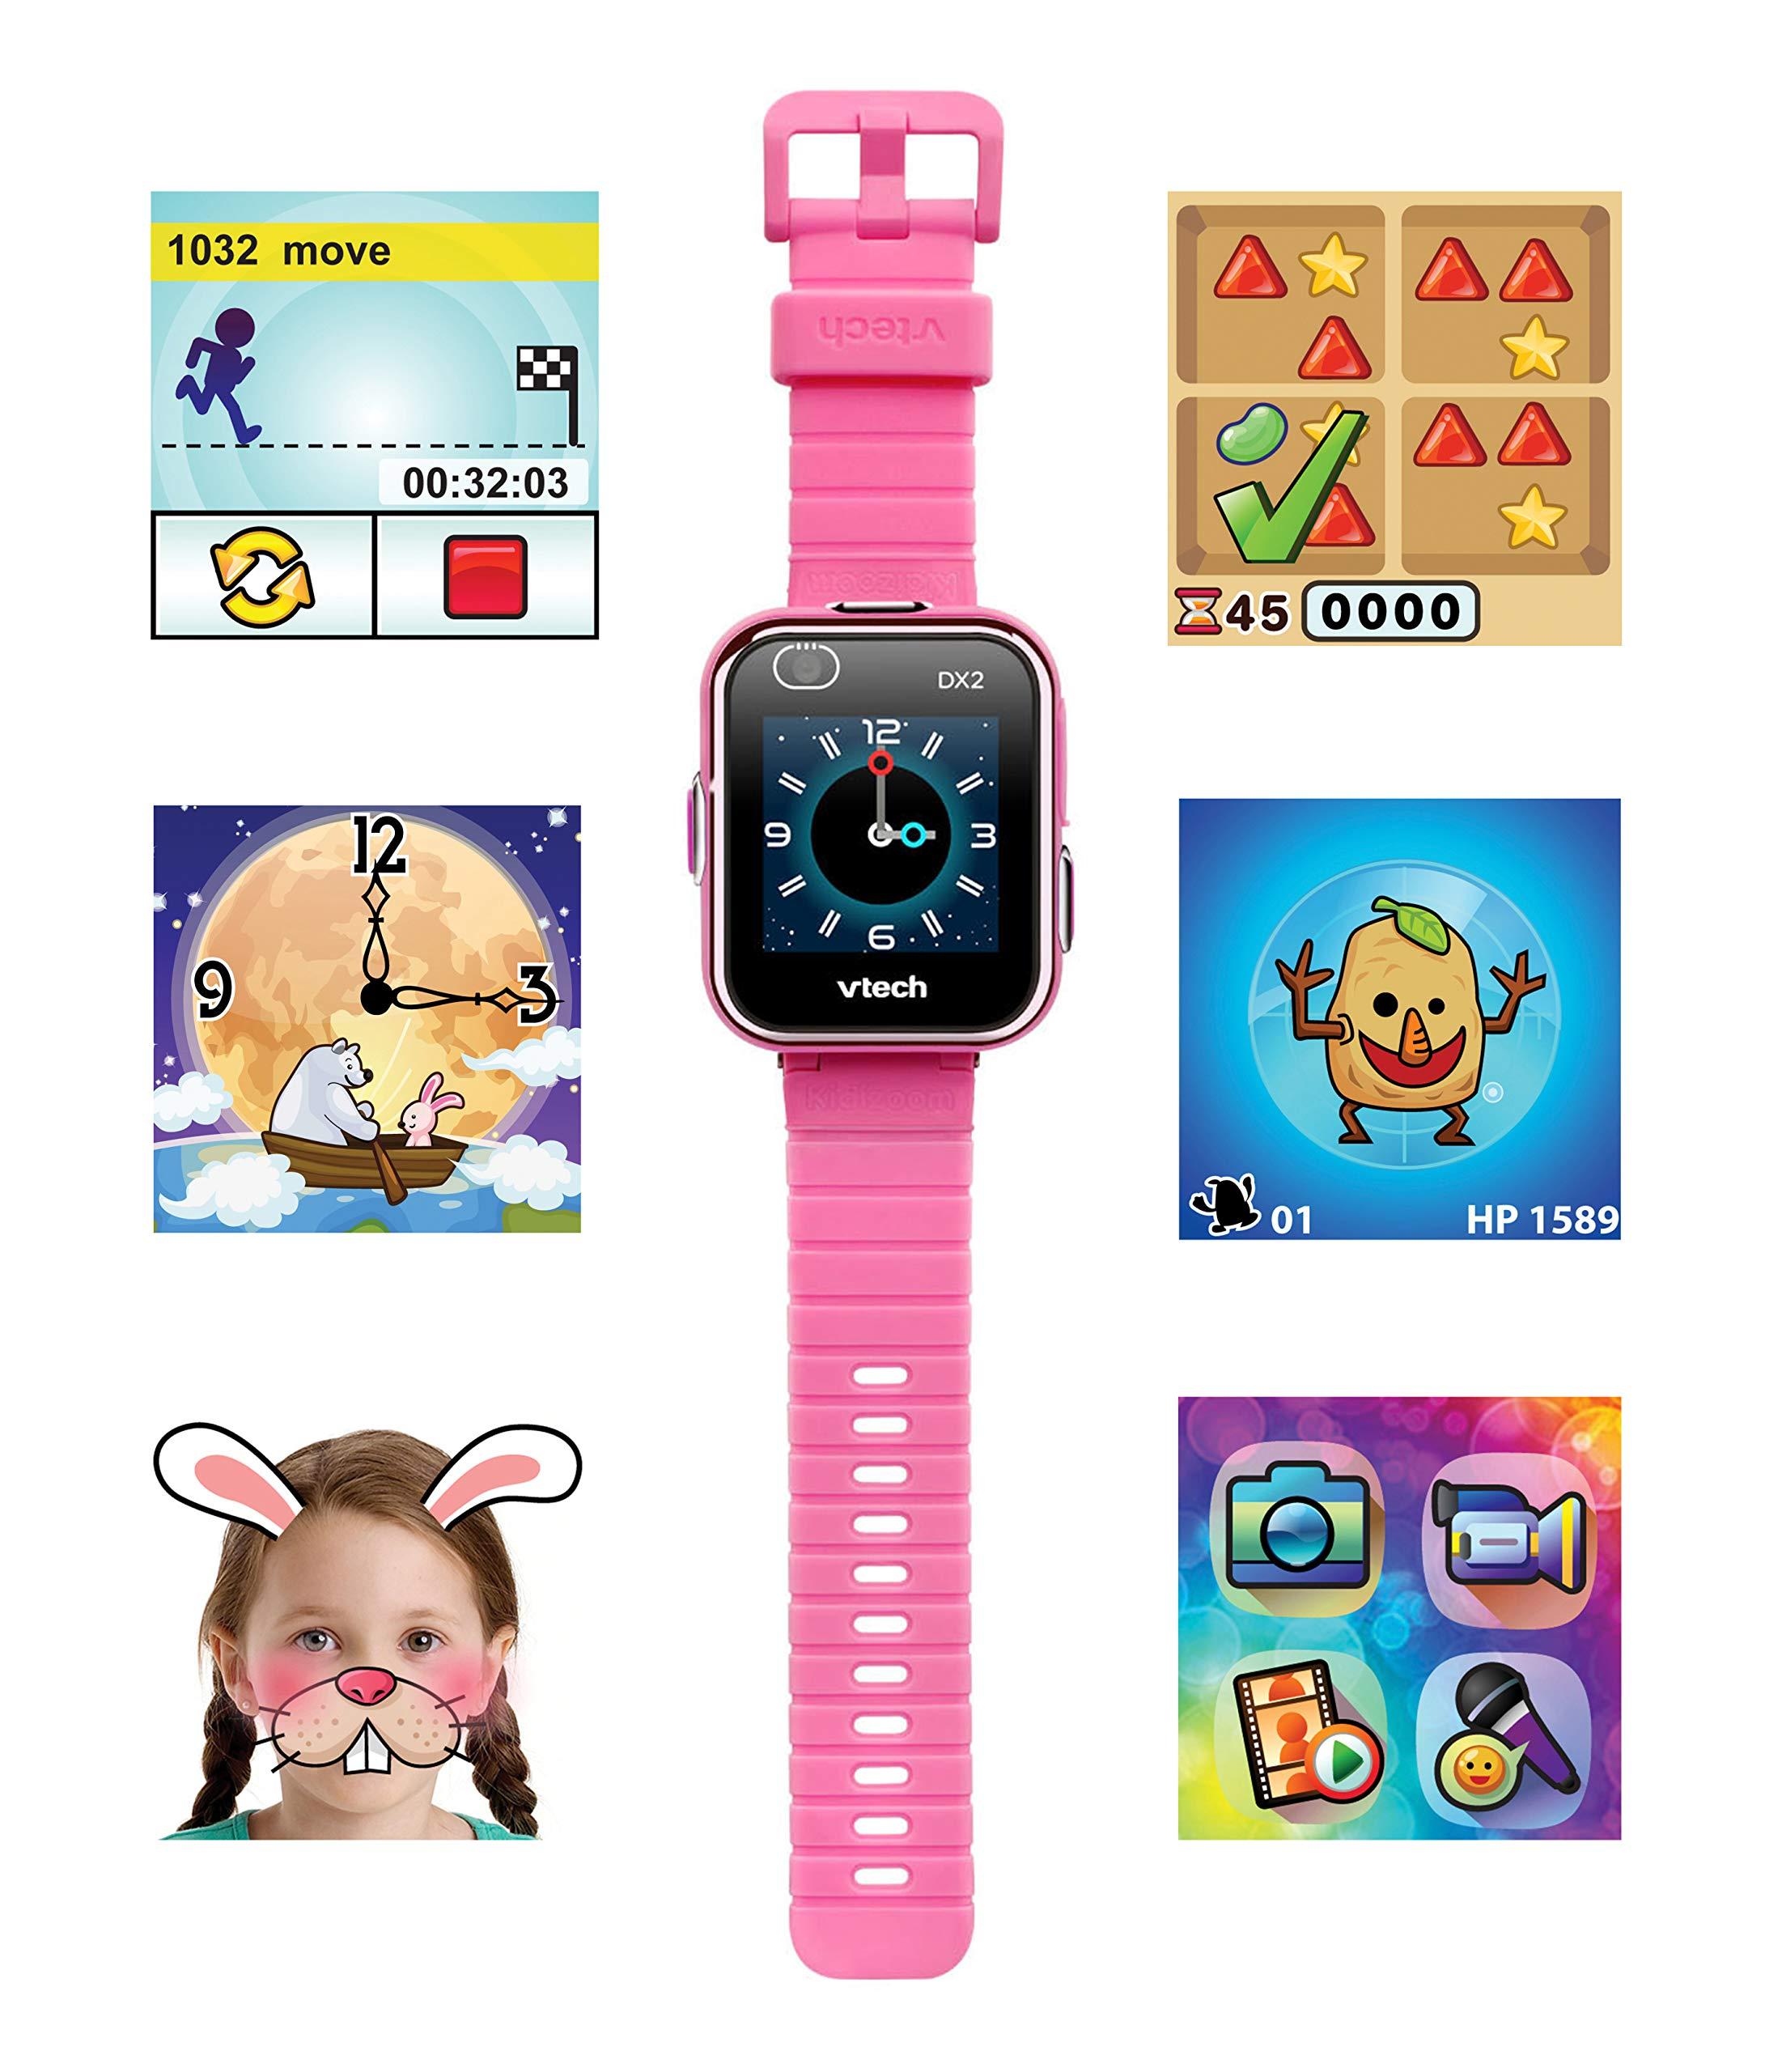 VTech 3480-193822 Kidizoom Smart Watch DX2 - Reloj inteligente para niños con doble cámara, color azul 3